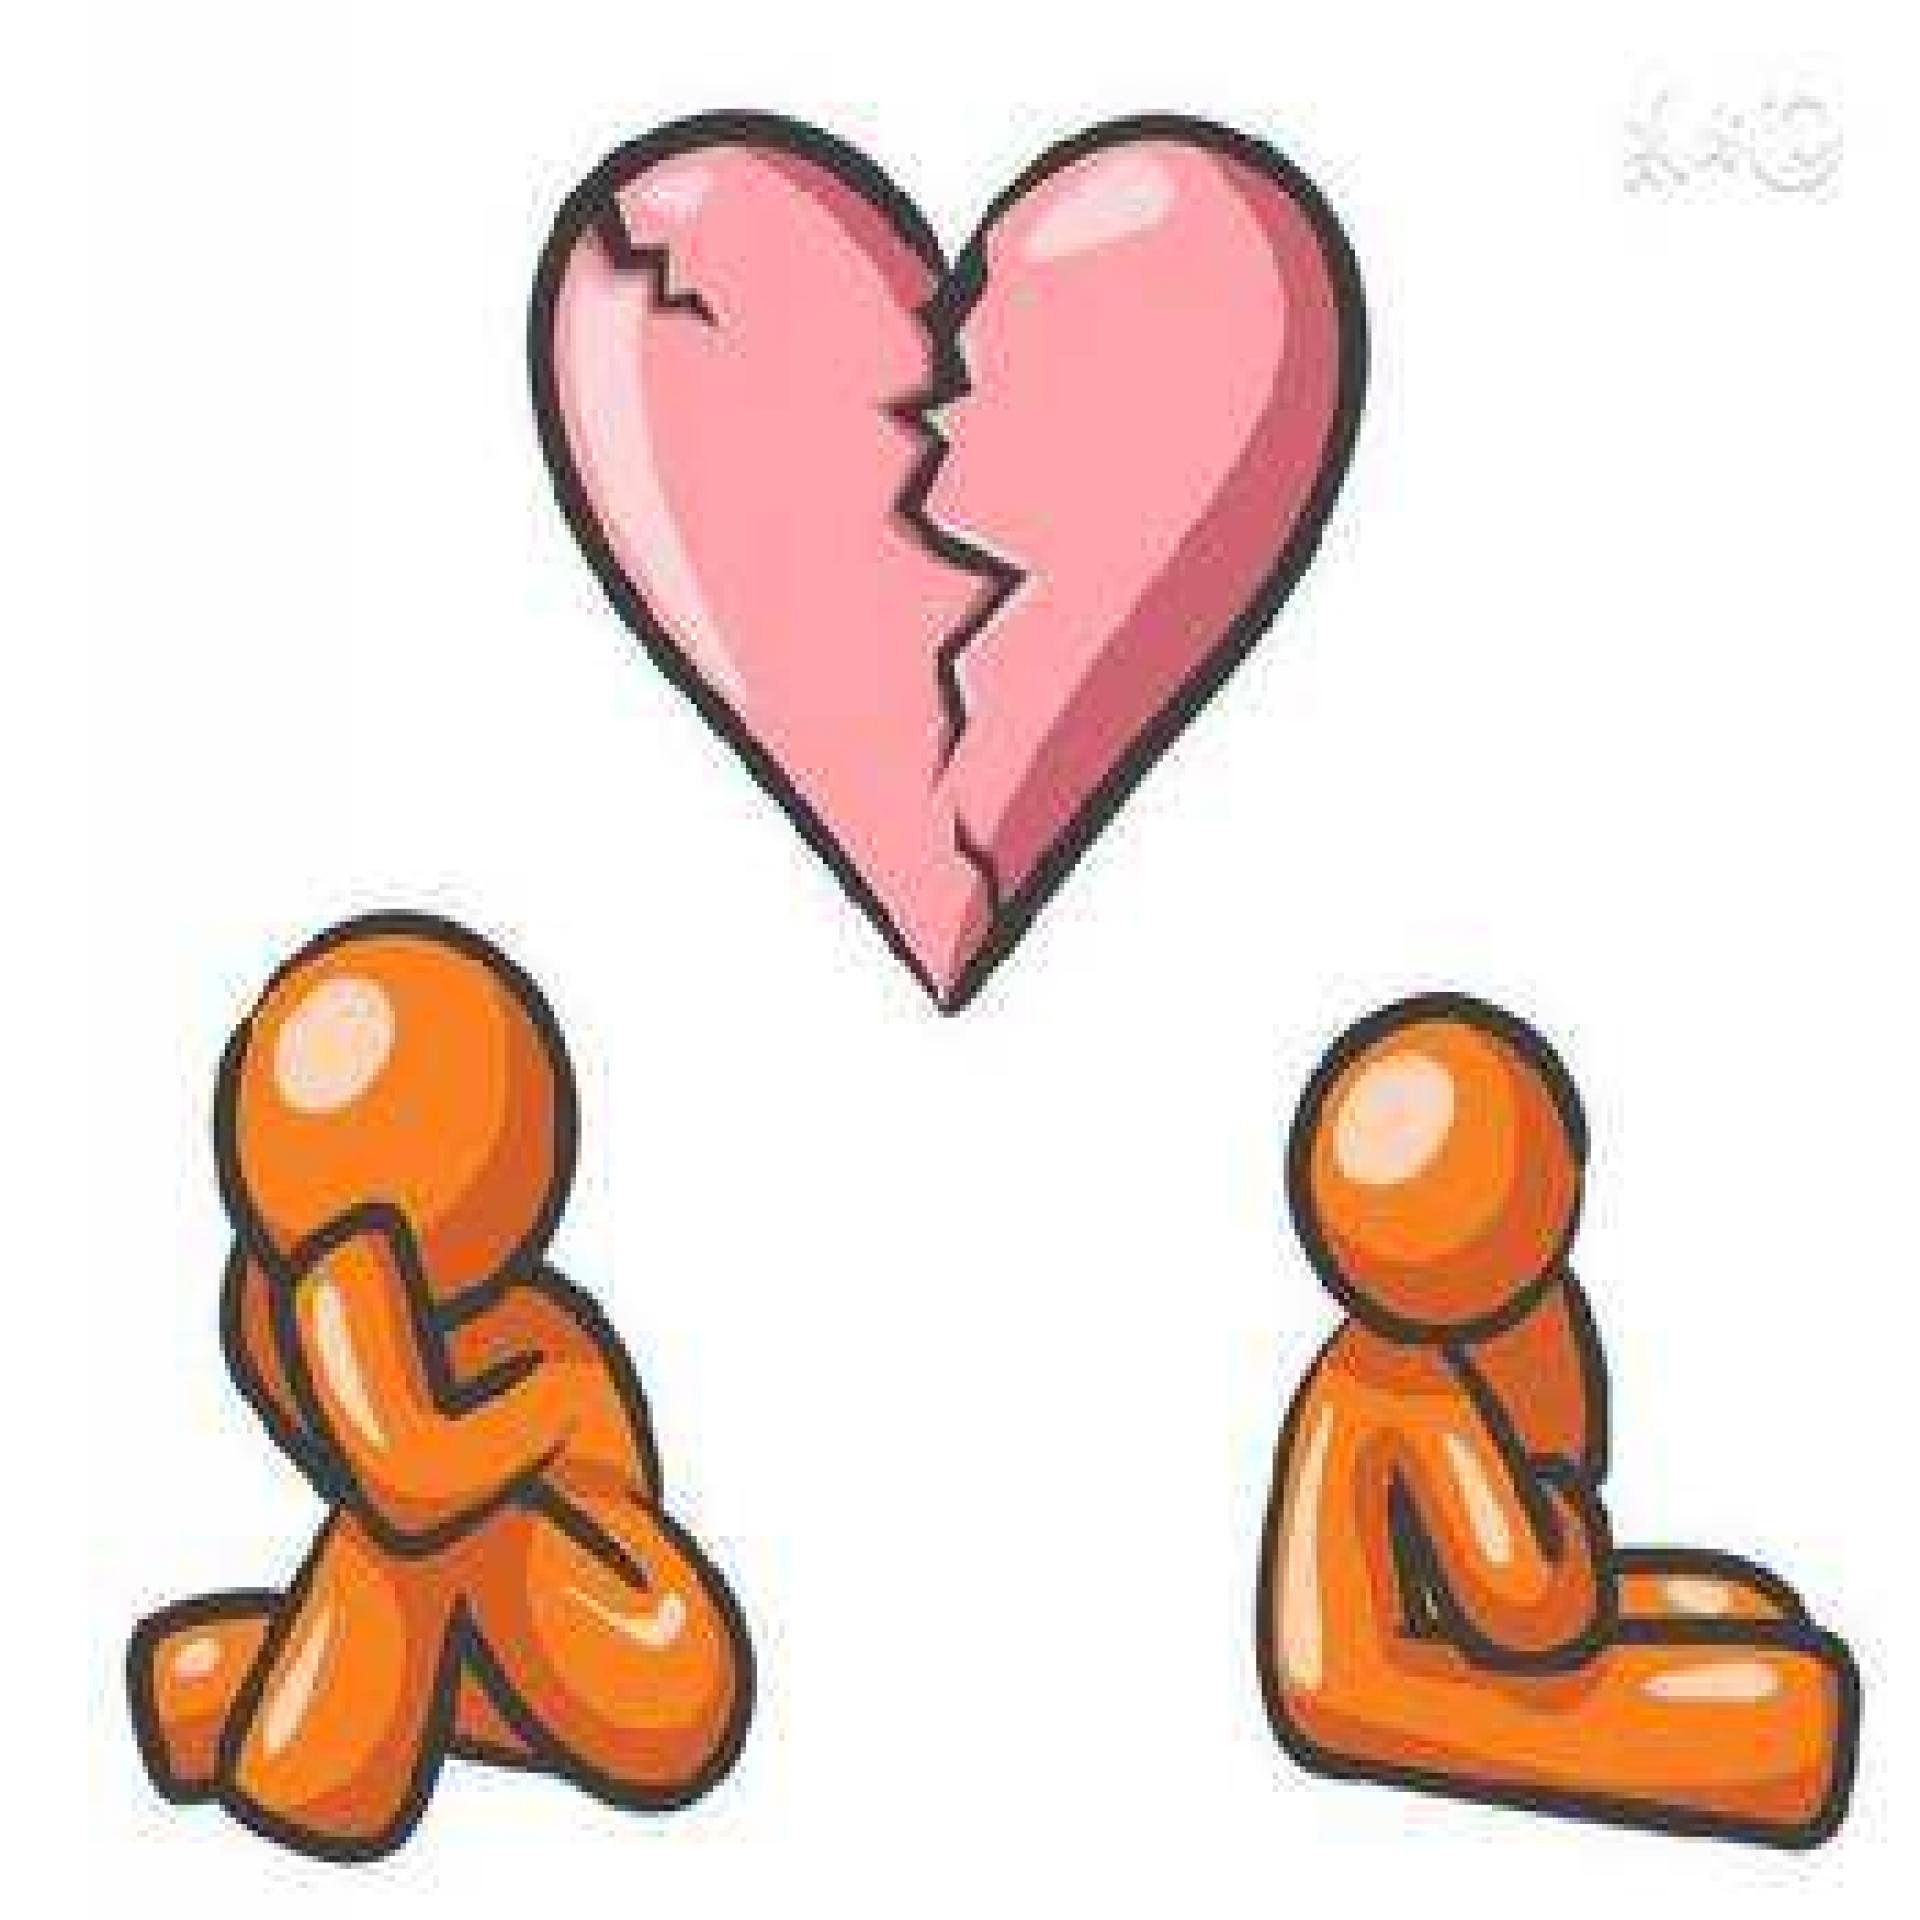 夫妻分居离婚怎么举证以及分居离婚的流程